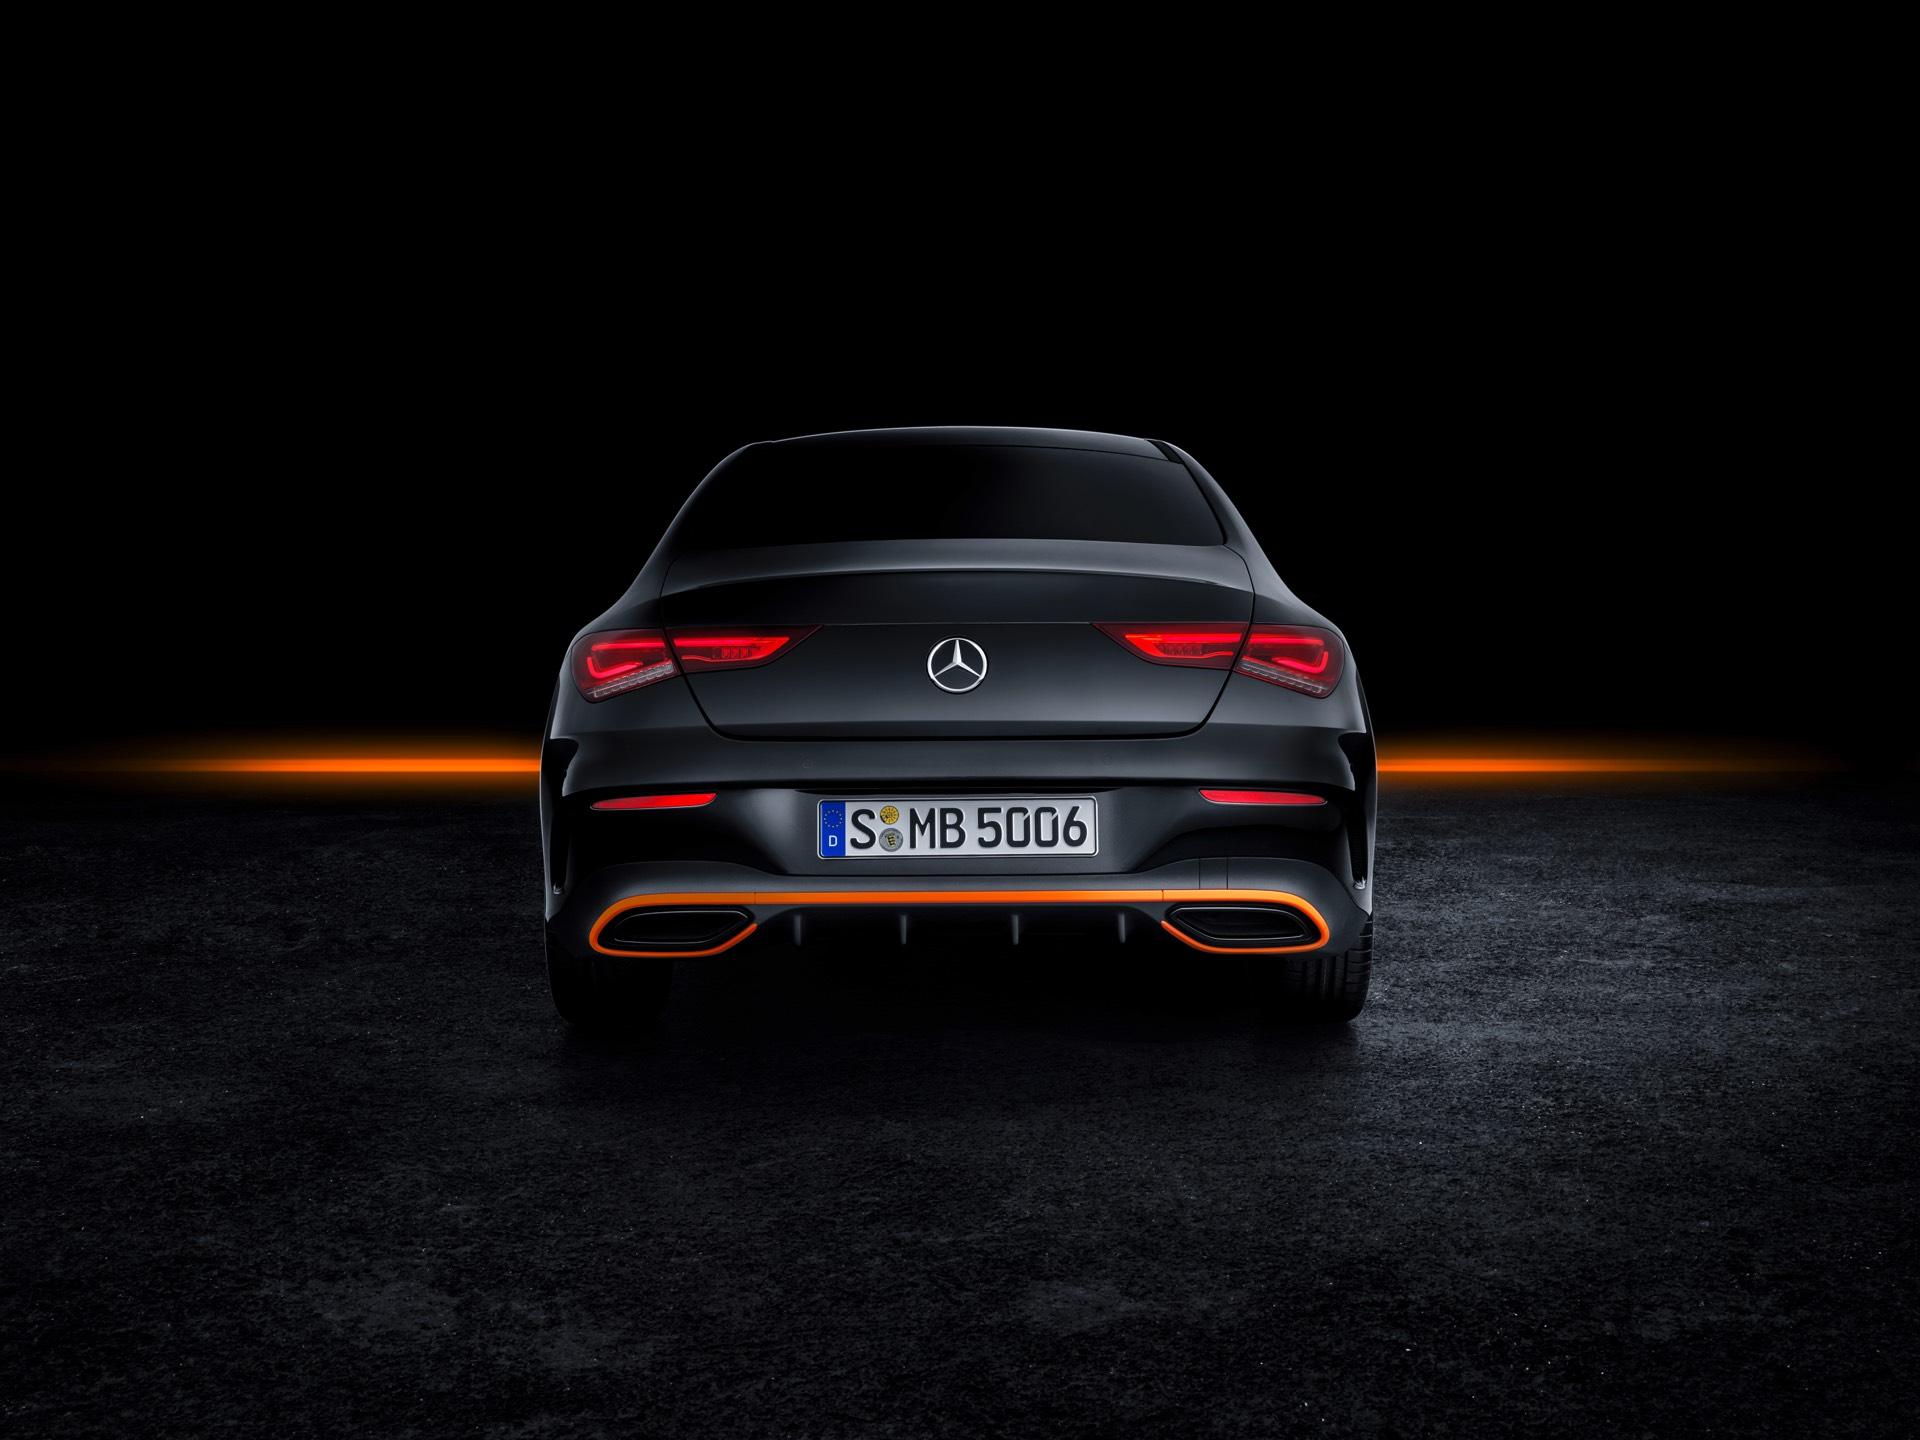 2019 Mercedes-Benz CLA Class Rear